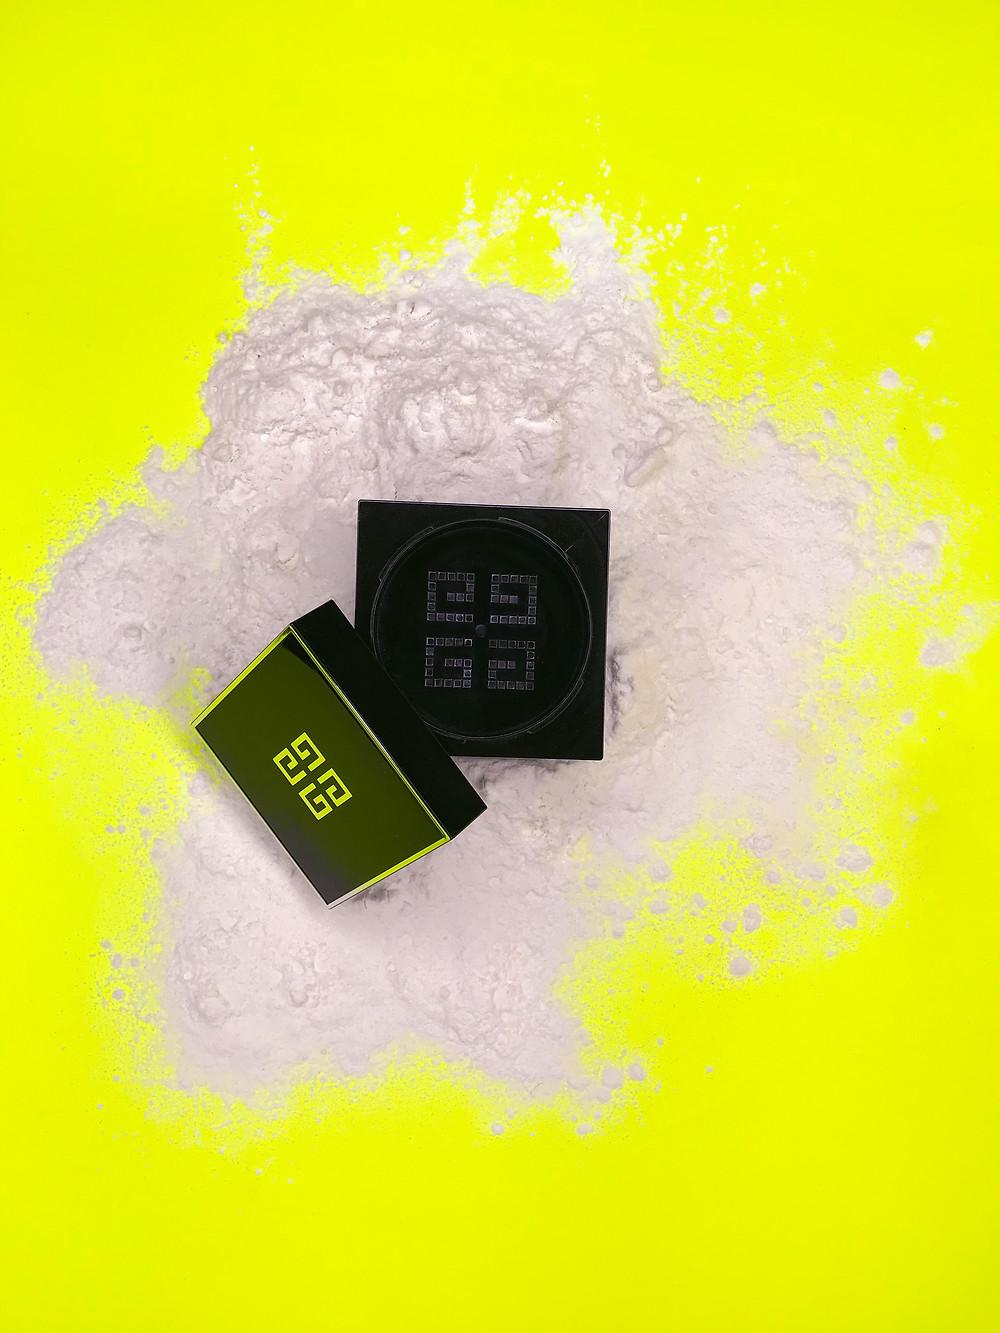 Givenchy-Pourdre-premiere-mat-&-translucent-loose-powder-review